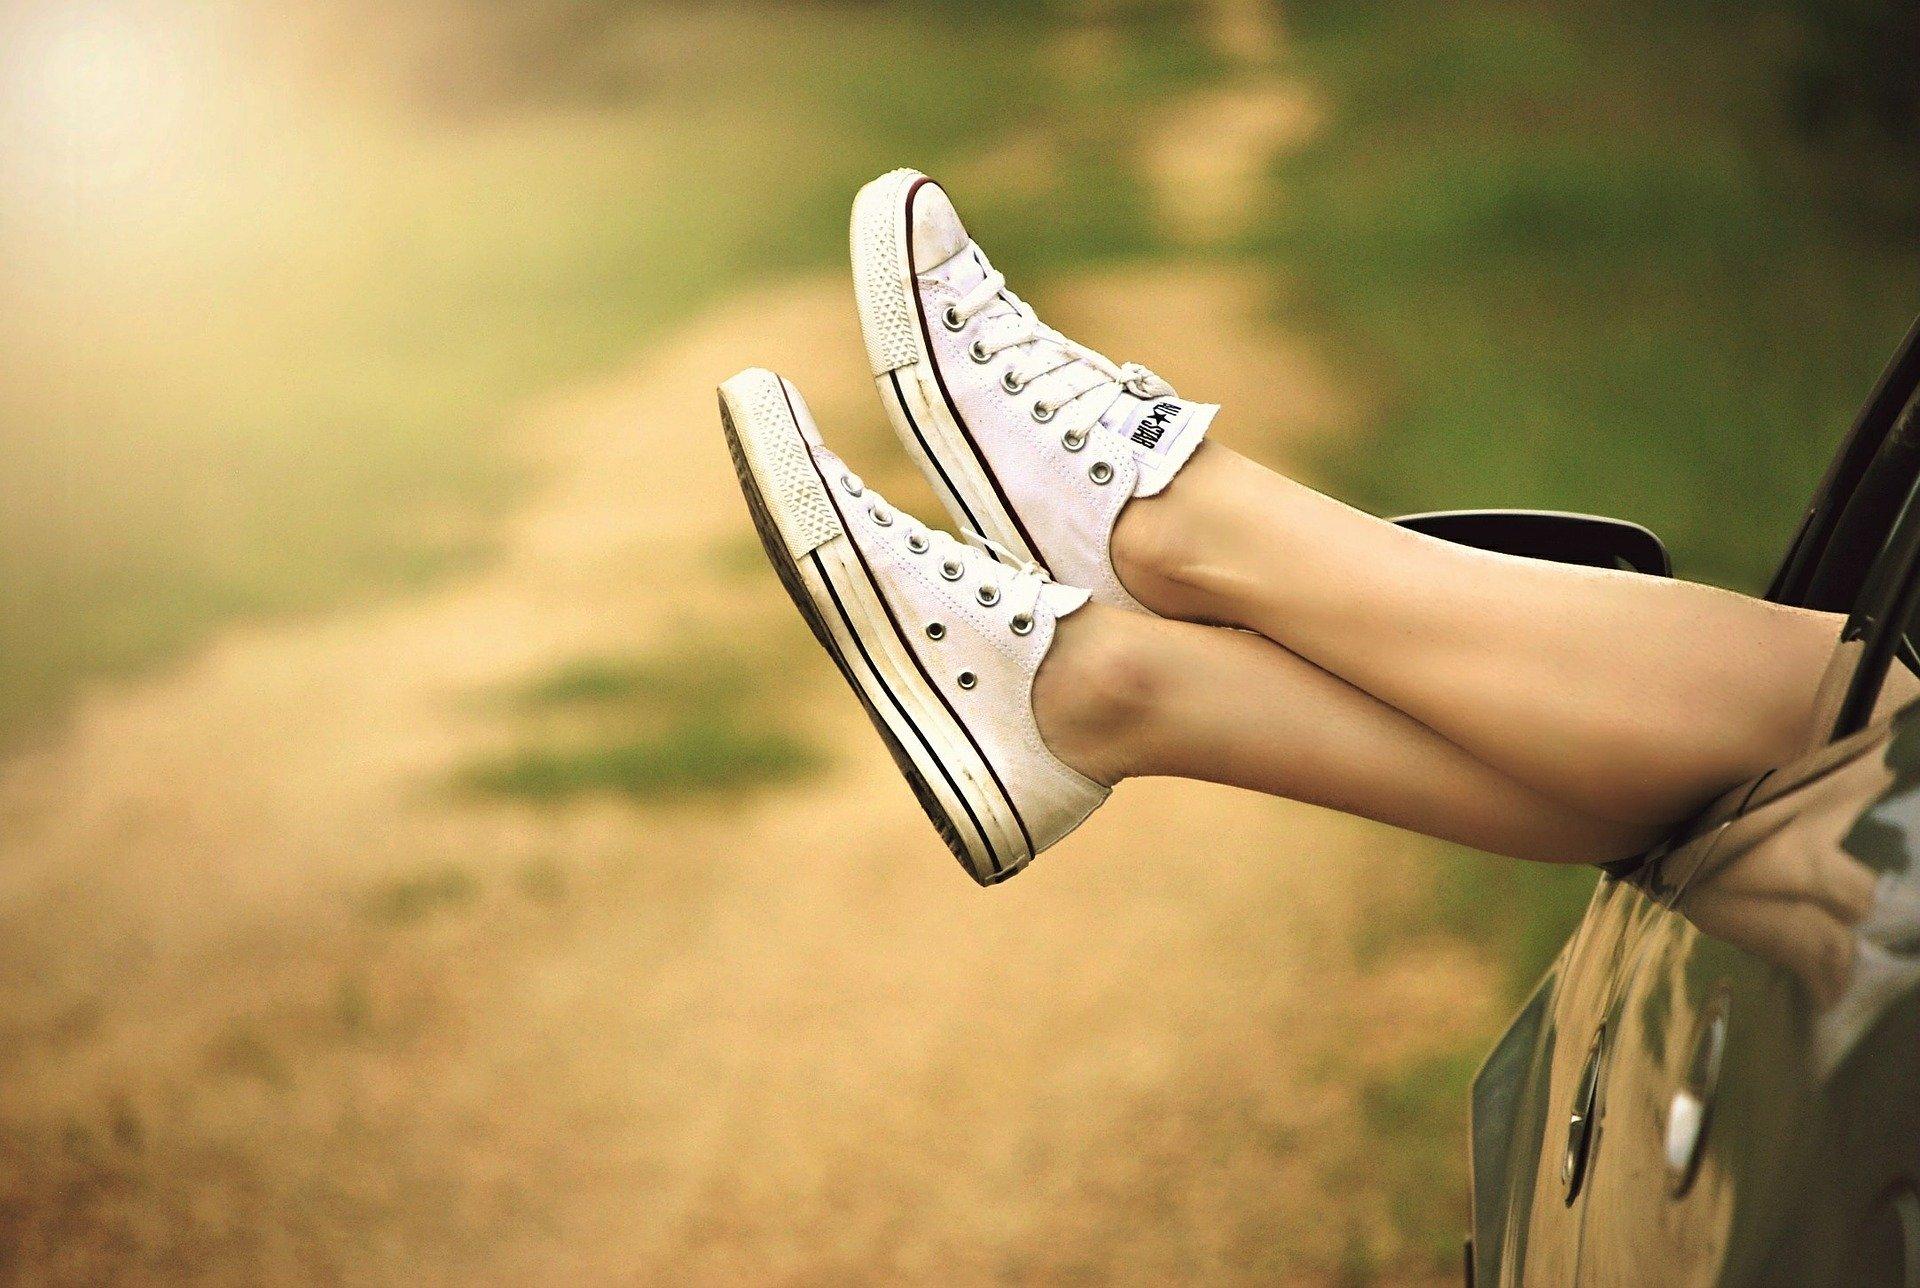 Beine hängen entspannt aus Auto